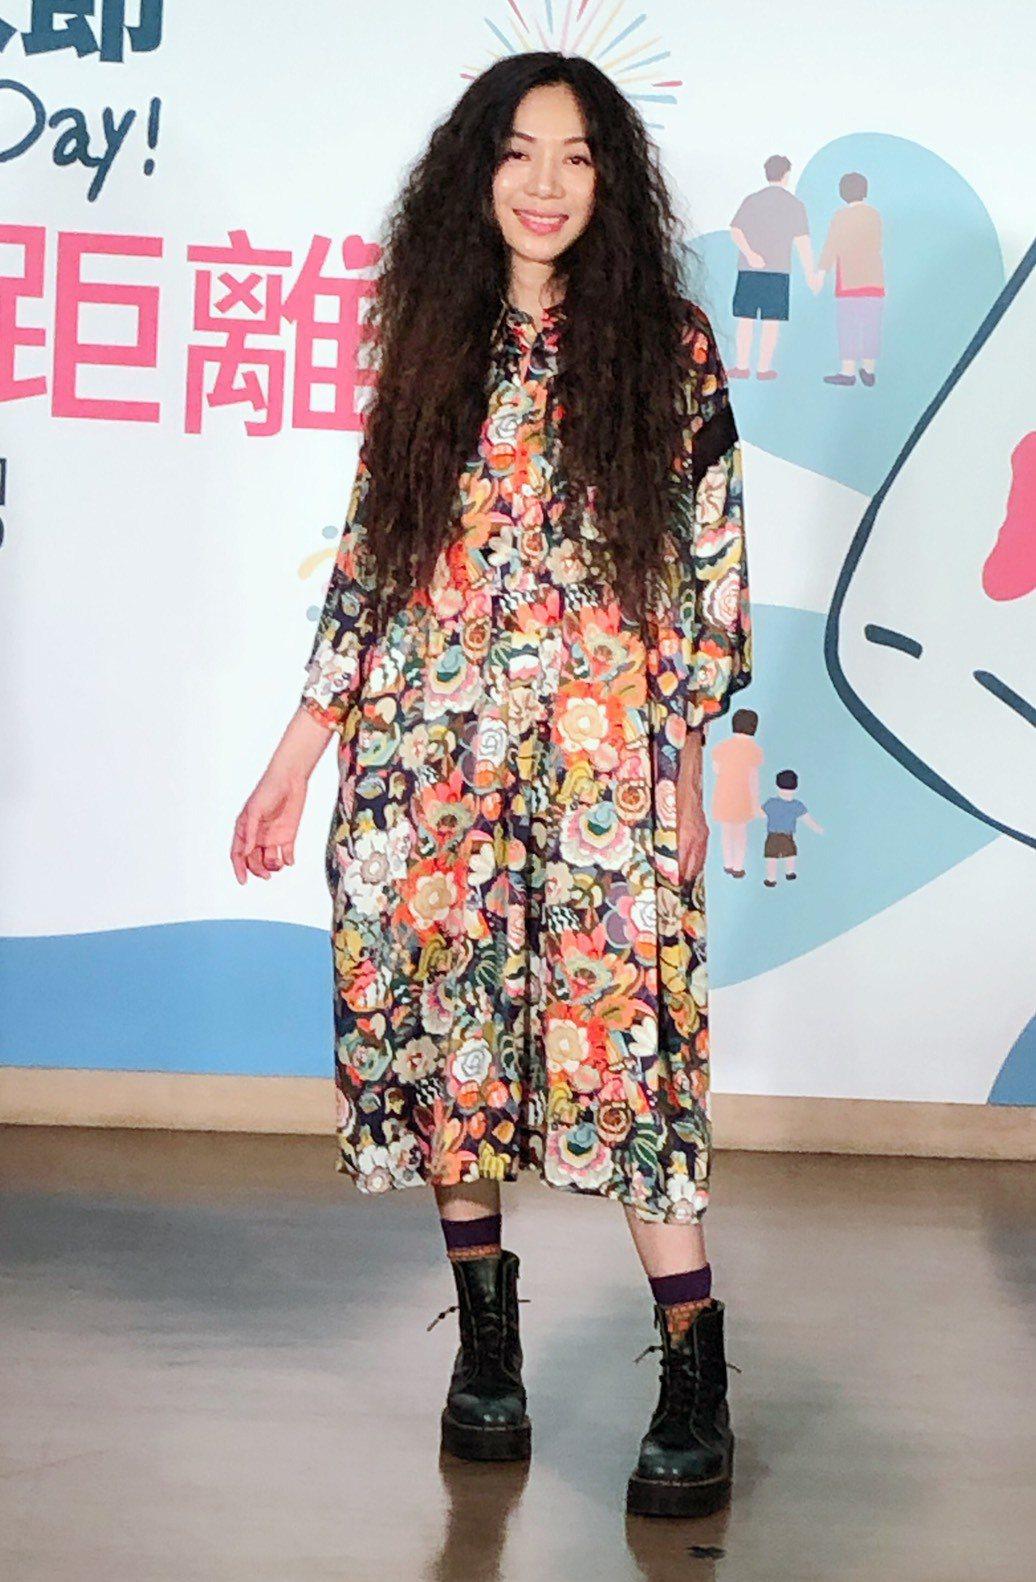 萬芳14日身穿花洋裝出席「2020大稻埕情人節」活動記者會。記者許晉榮/攝影